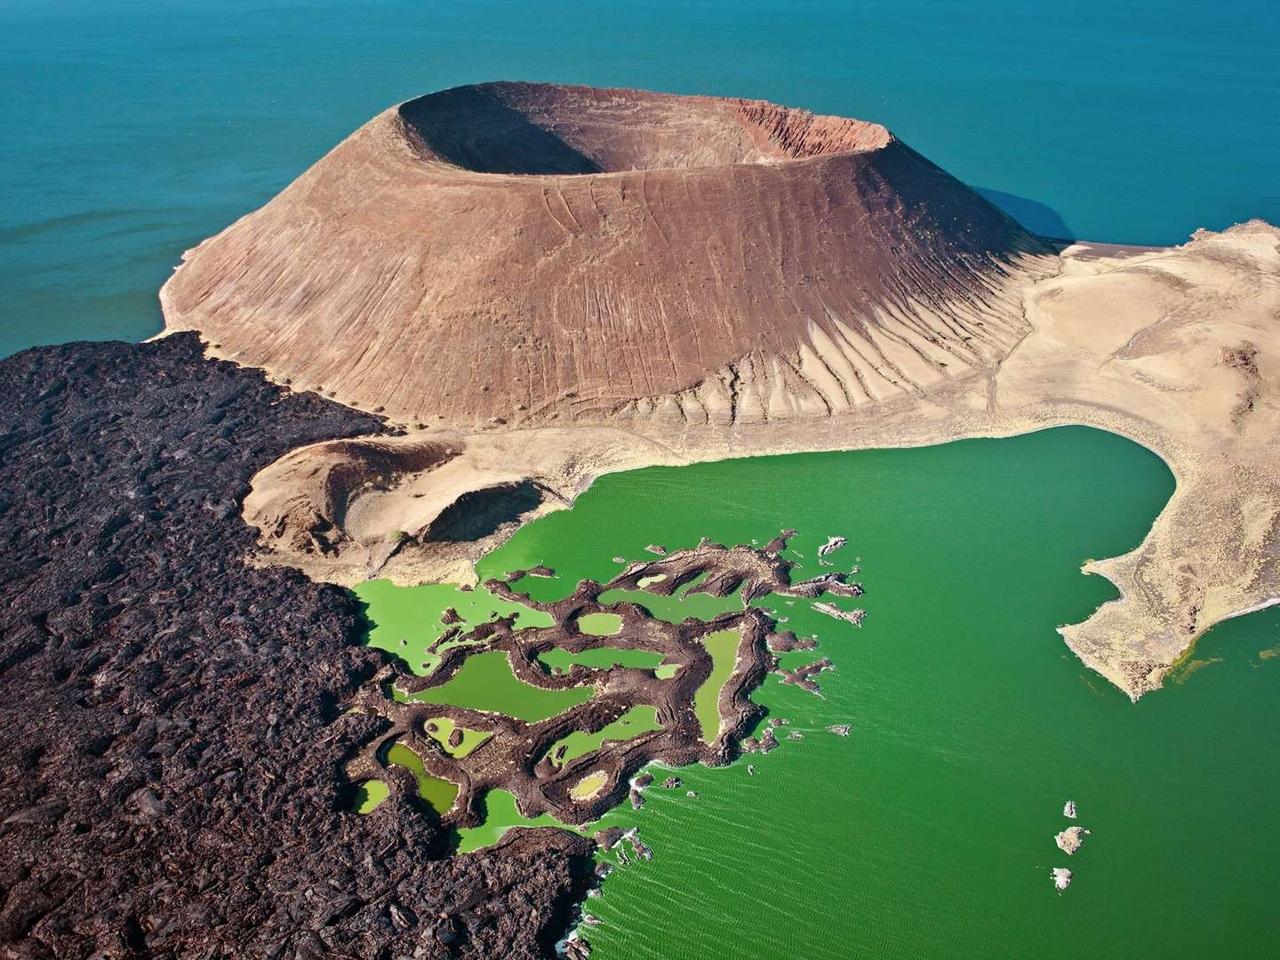 Кратер Набийотум в озере Туркана, расположенный в пределах Великой Рифтовой долины, Кения